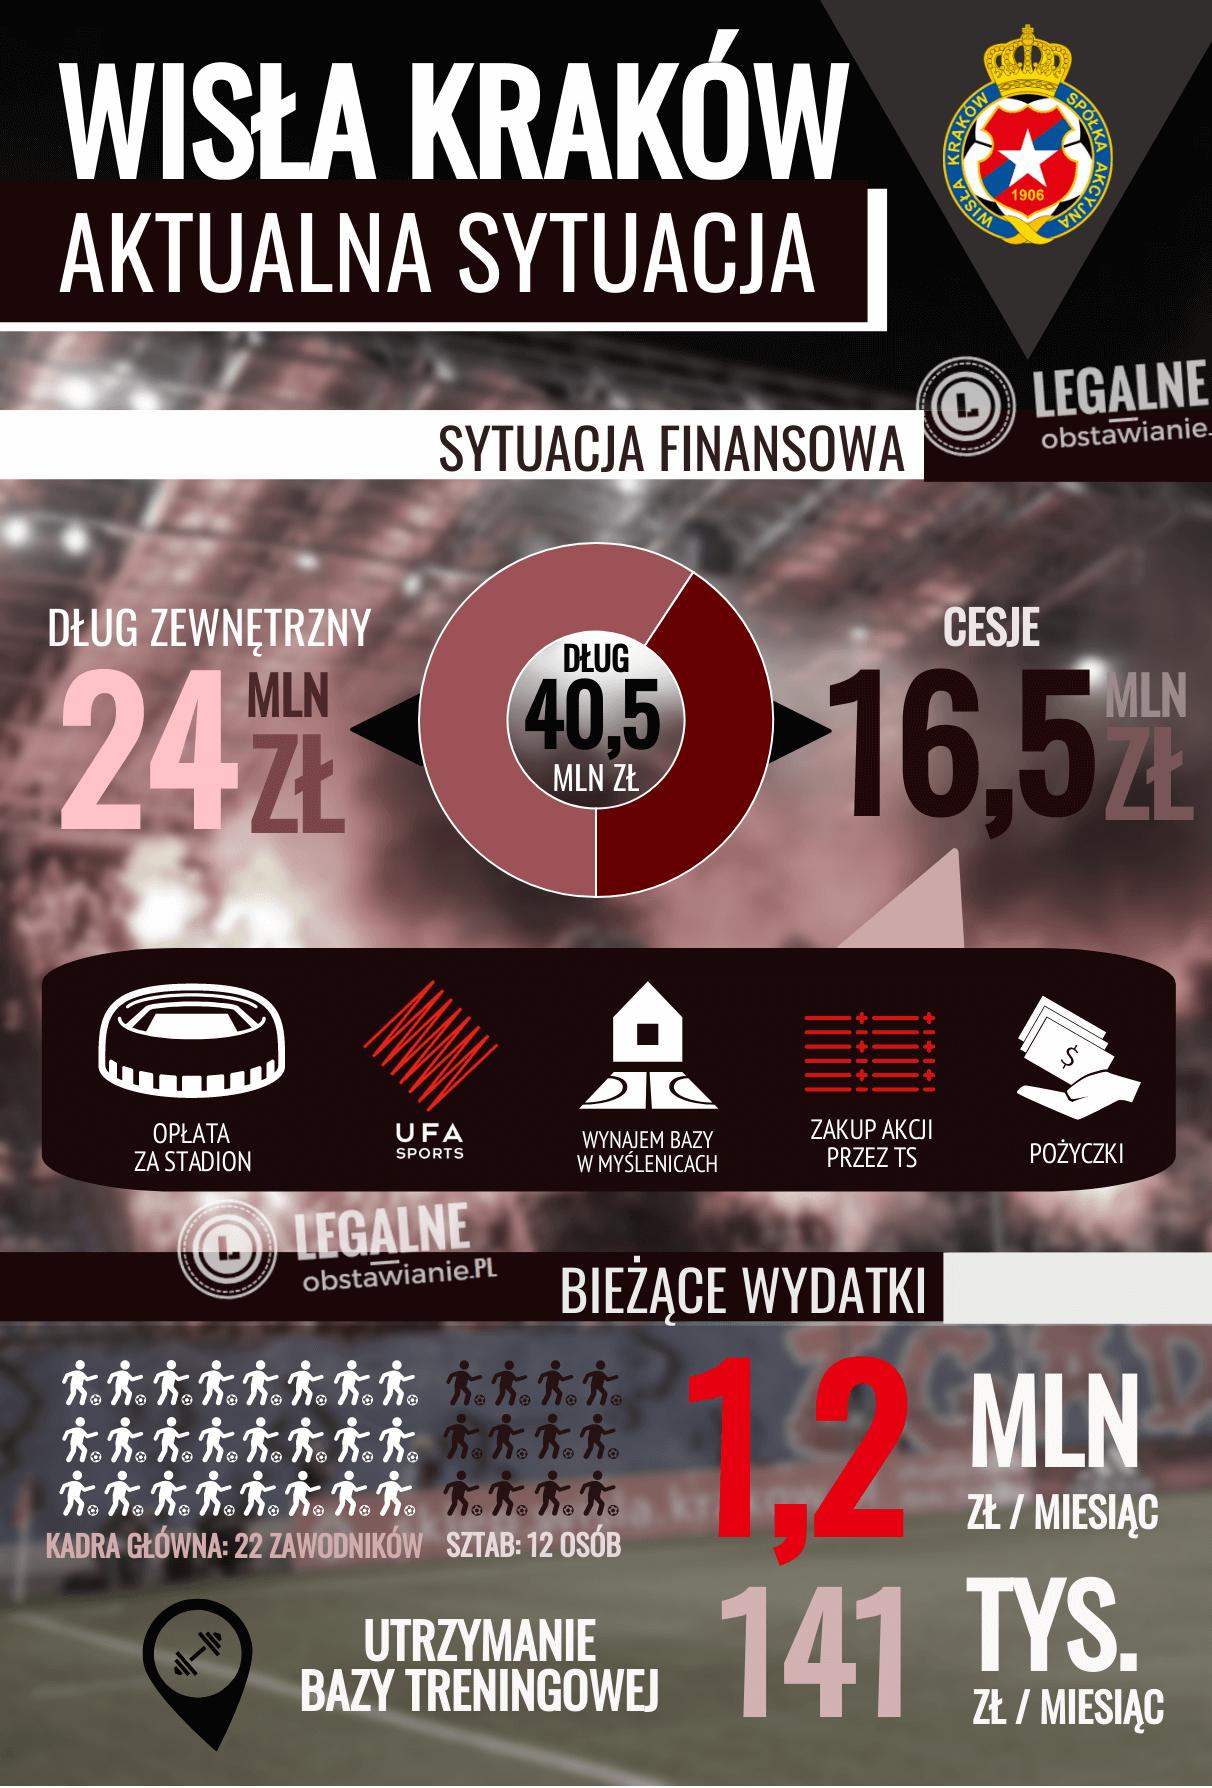 Wisła - infografika